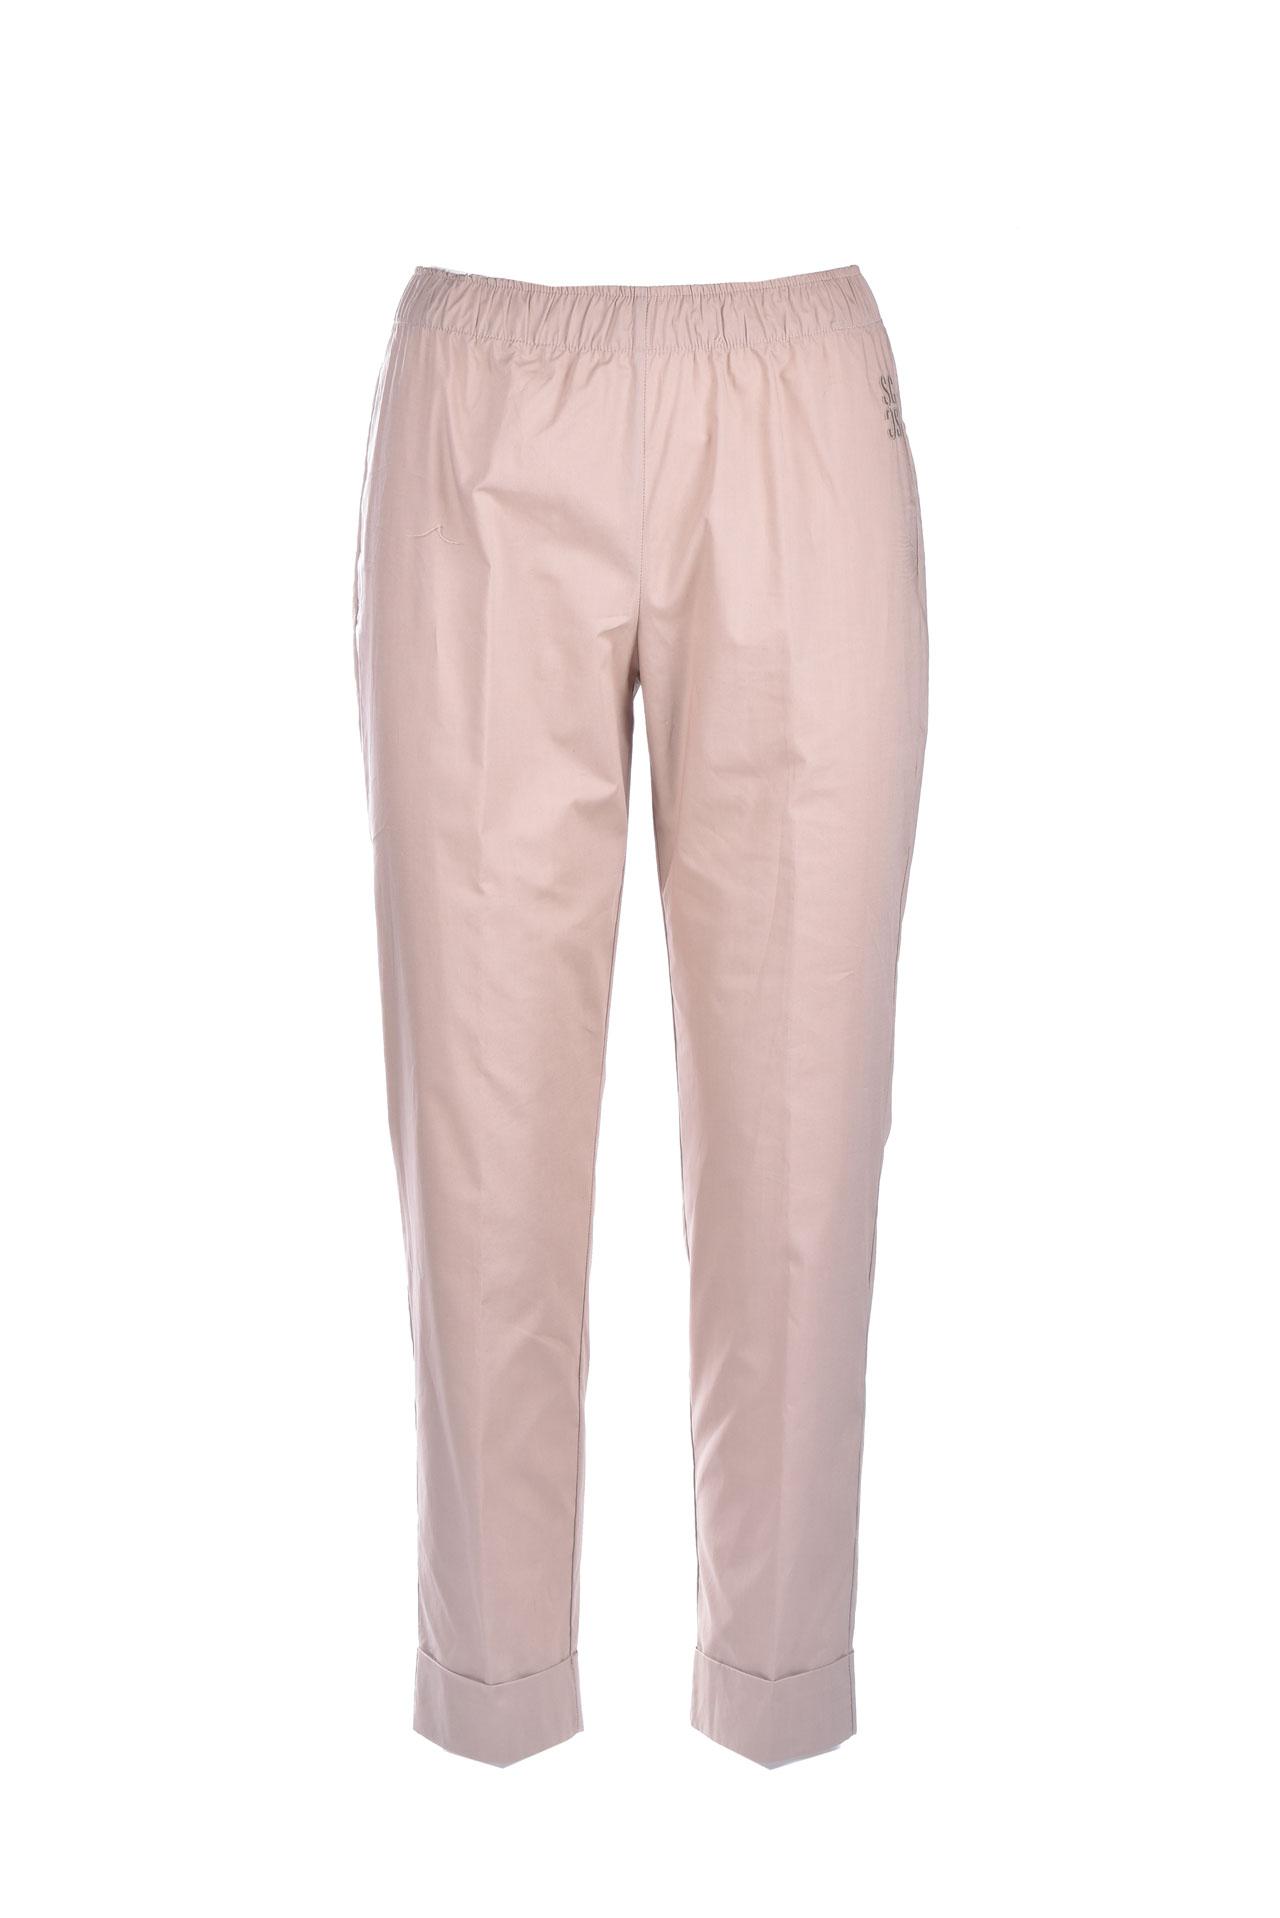 Pantalone capri pull-on con elastico SEMICOUTURE | Pantaloni | Y1SK11V62